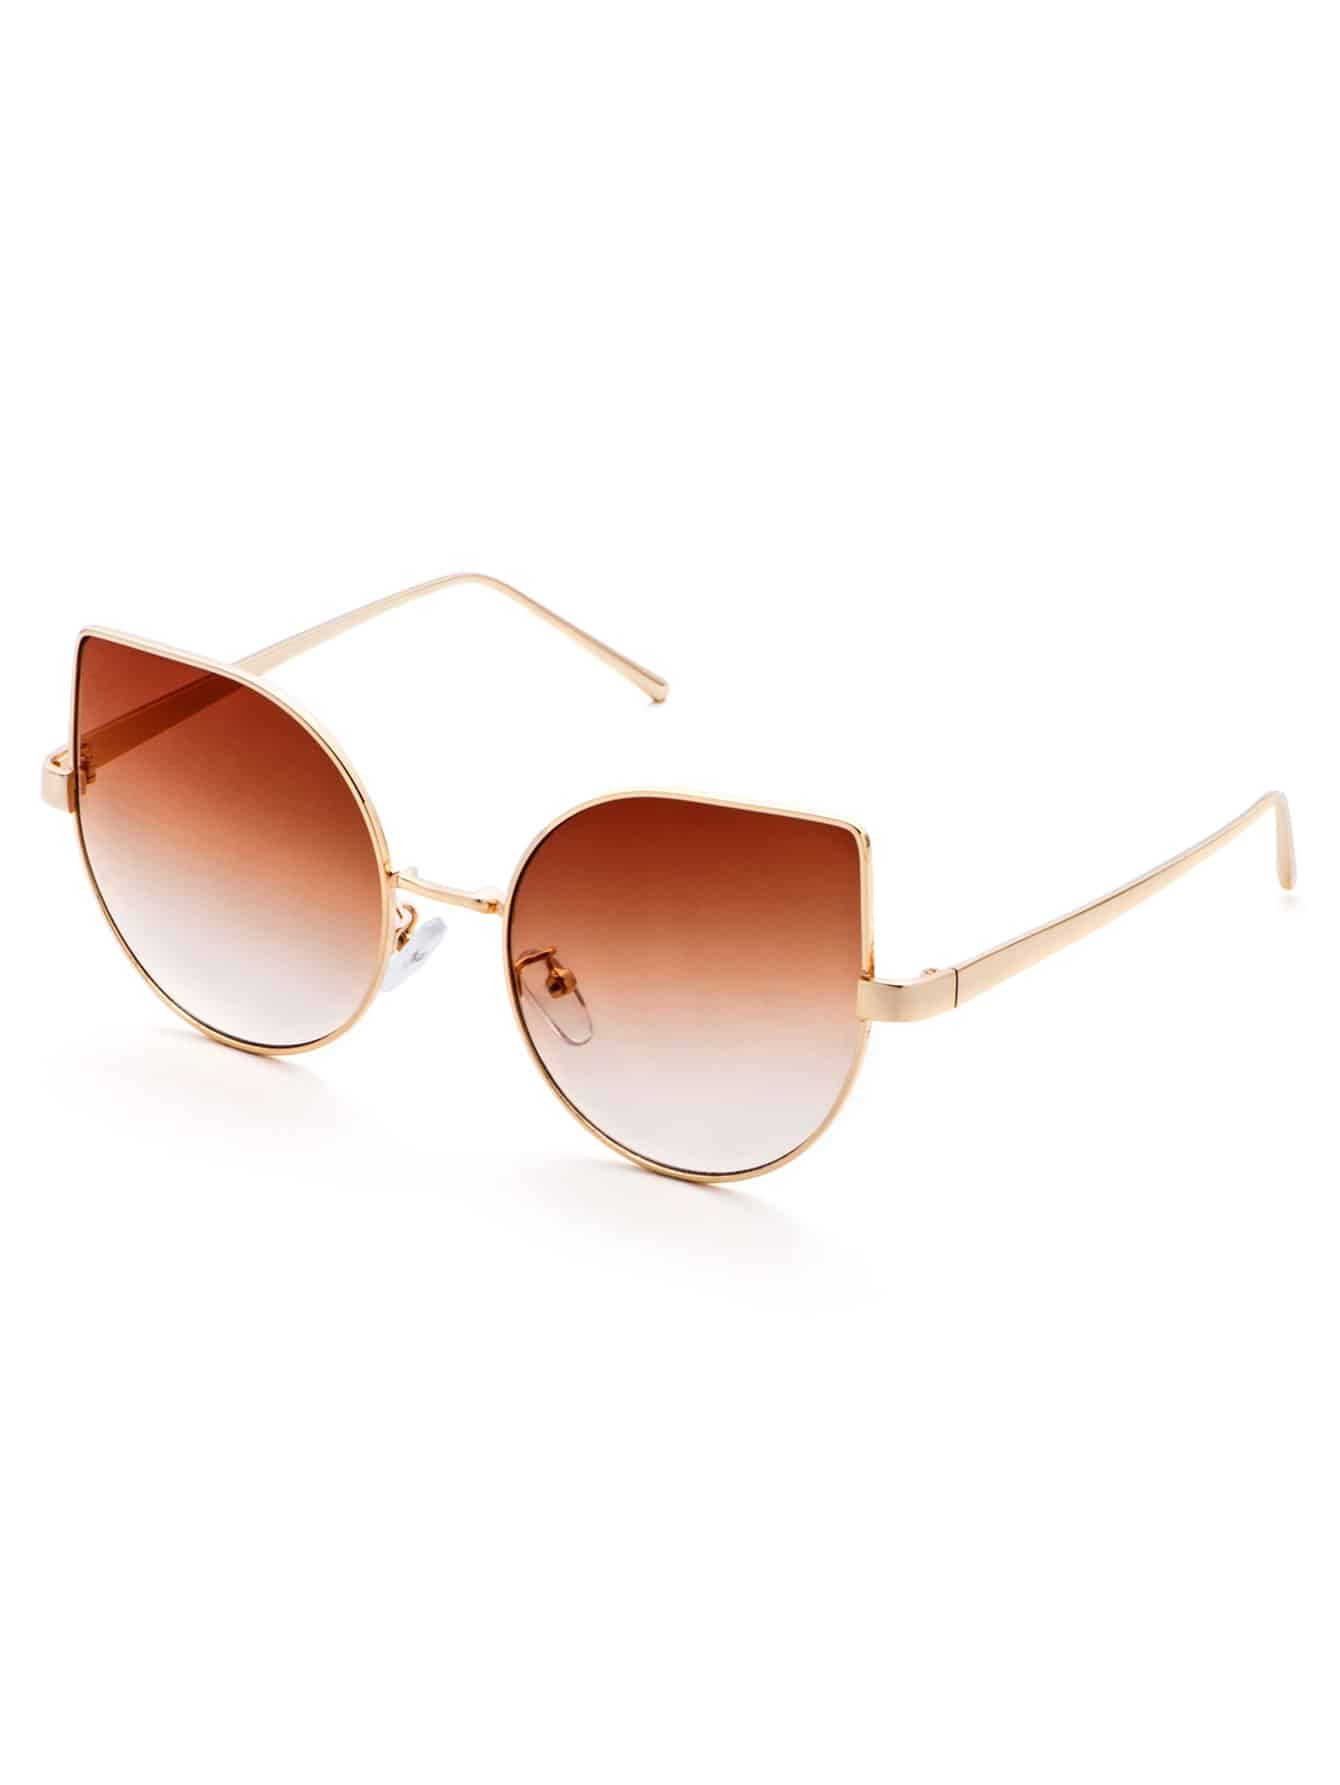 Gold Frame Cat Eye Sunglasses : Gold Frame Brown Cat Eye Sunglasses